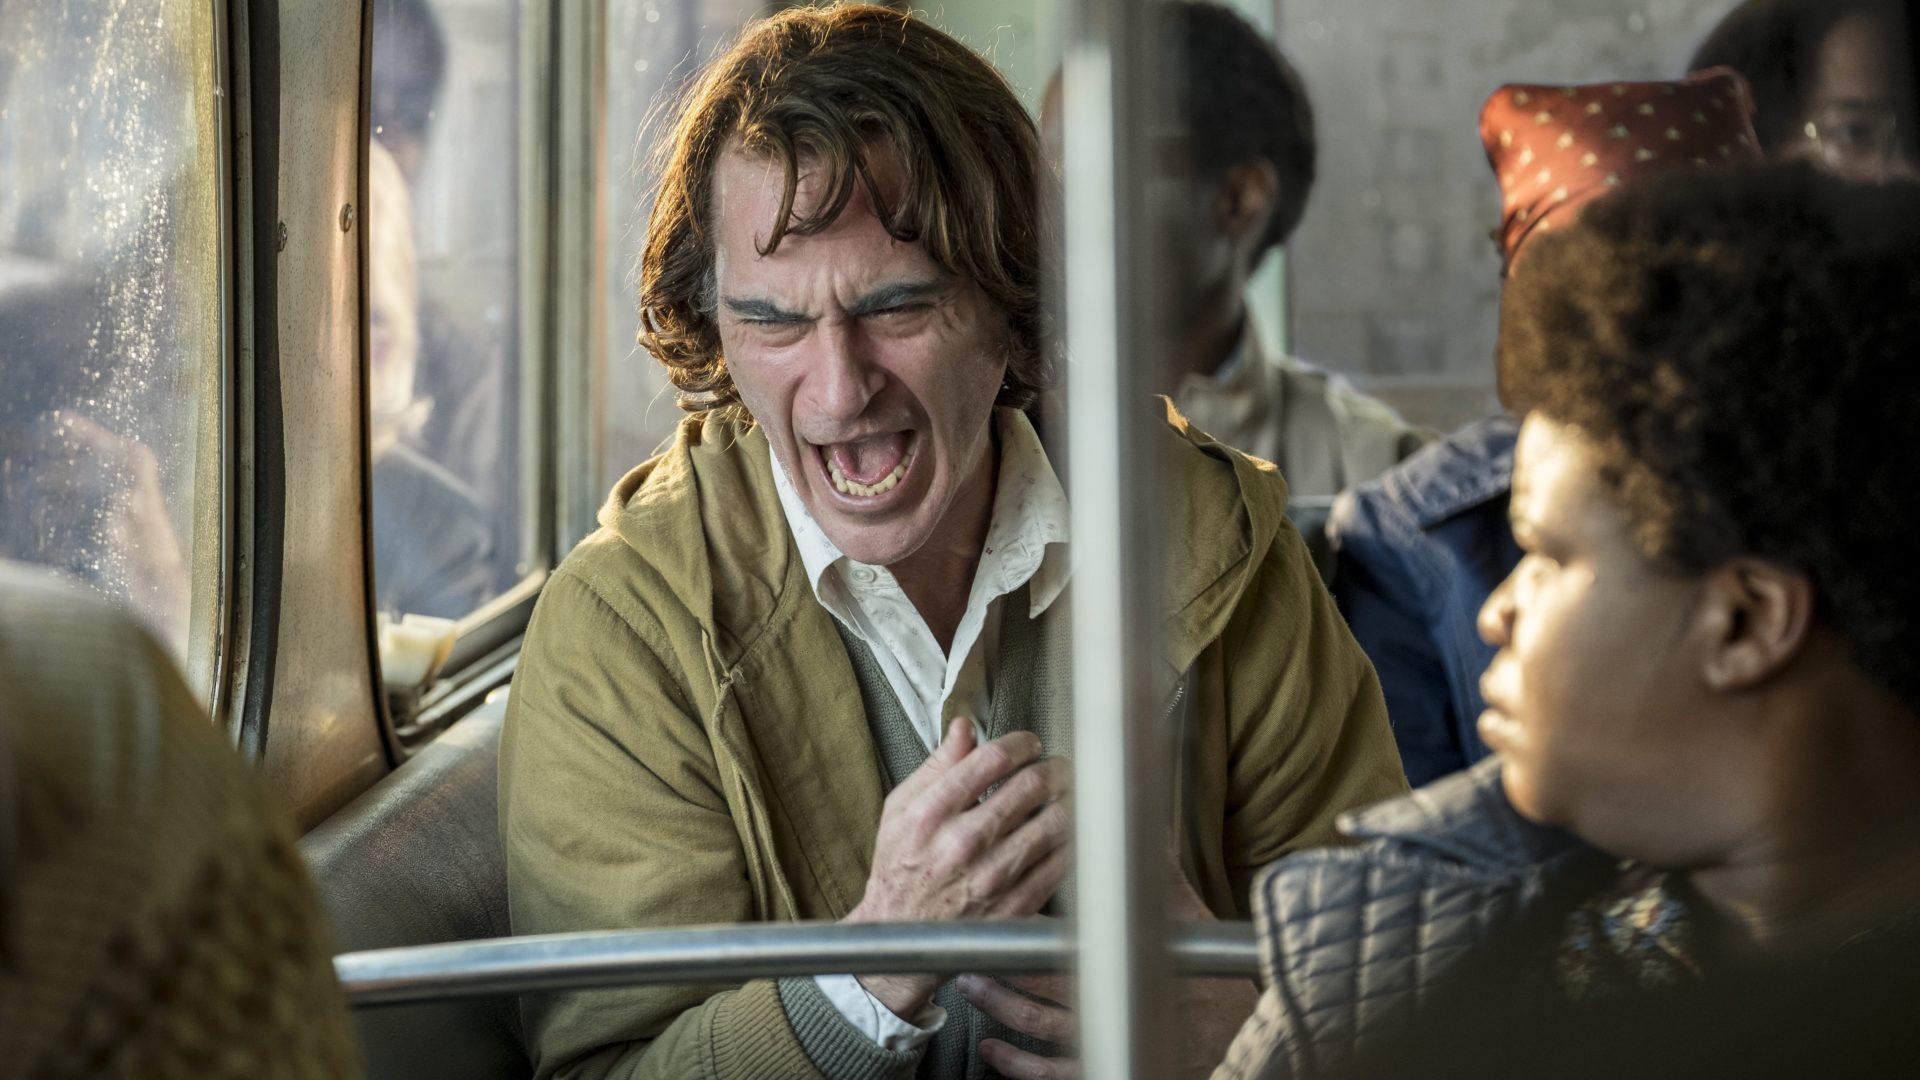 Joker - historia szaleńca, któremu można było pomóc!?